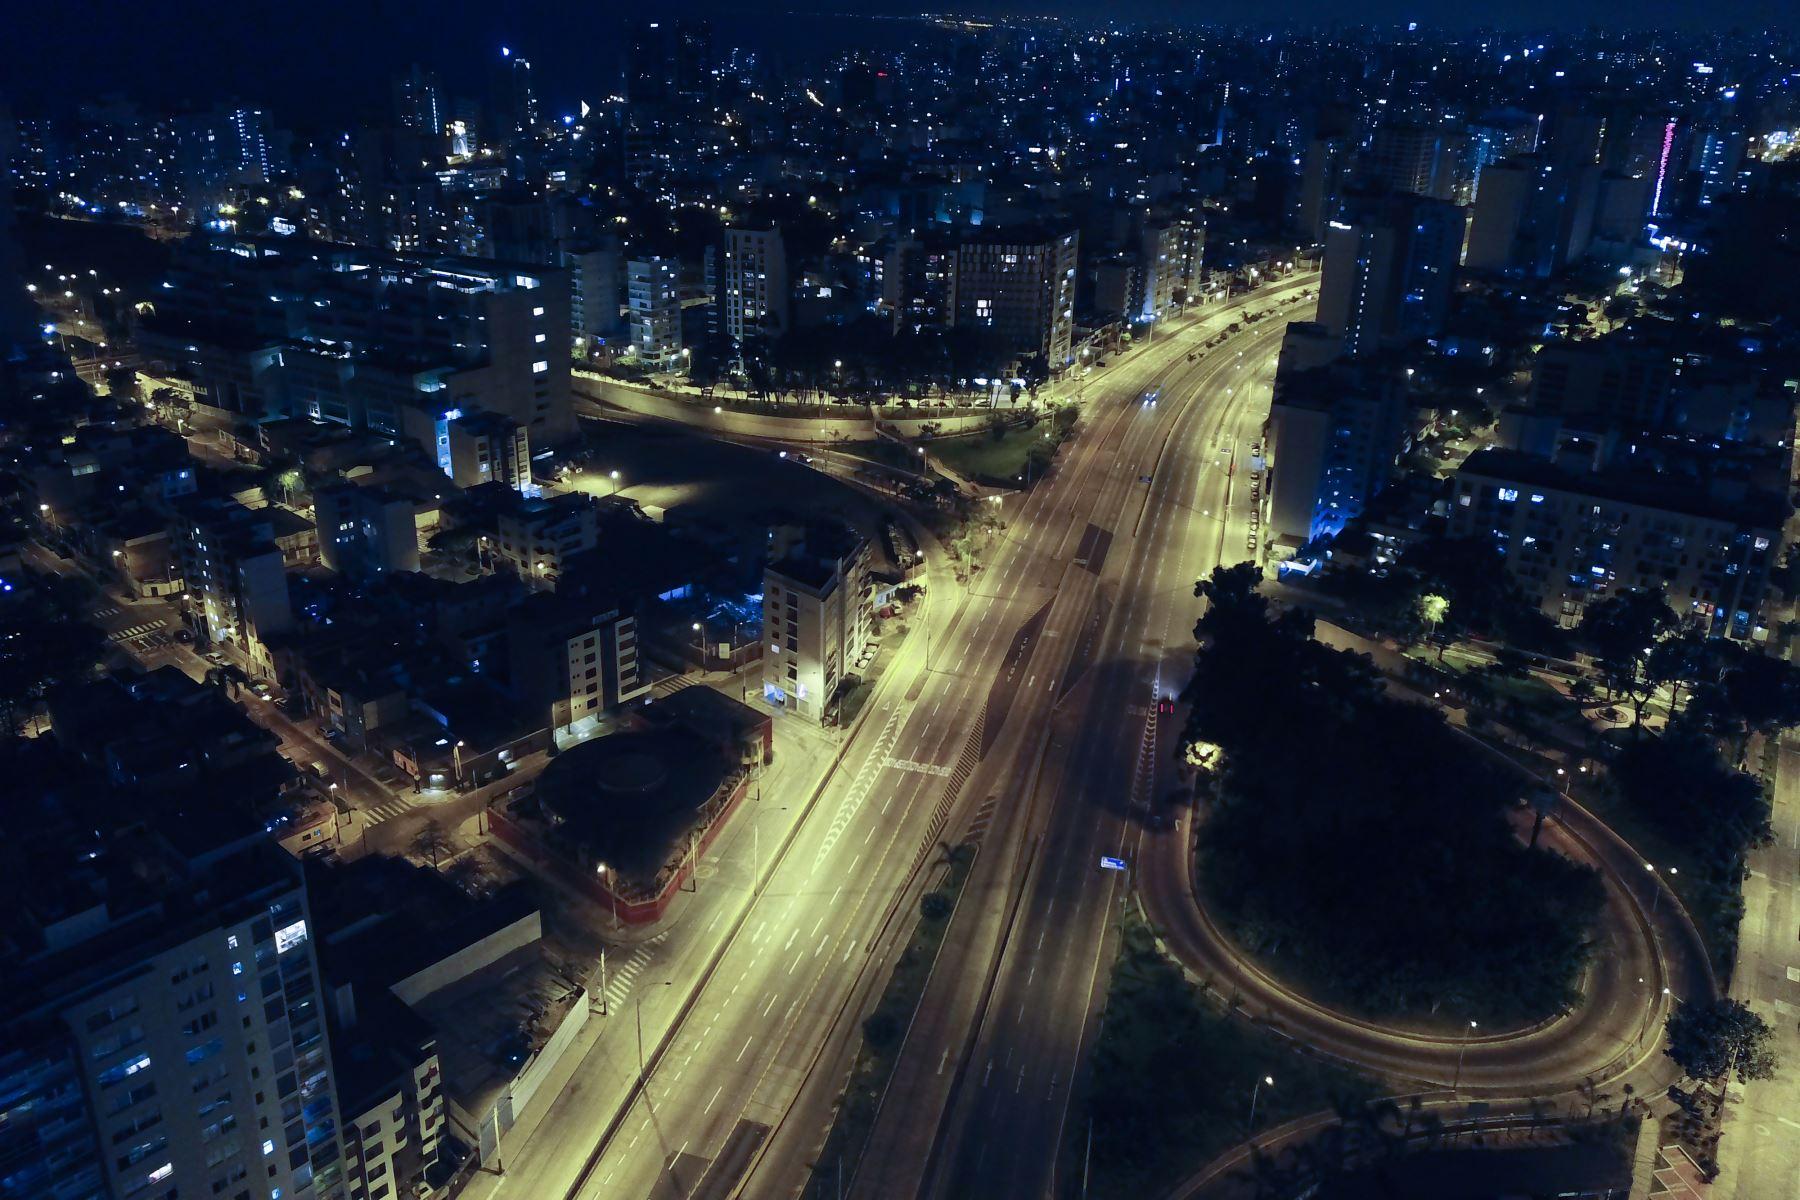 Fotografía tomada el 31 de marzo del 2020 /Vista panorámica de los distritos de Barranco y Miraflores durante la inmovilización obligatoria en el nuevo horario de 18:00 a 05:00 hrs.  FotoDrone: ANDINA/Juan Carlos Guzmán Negrini